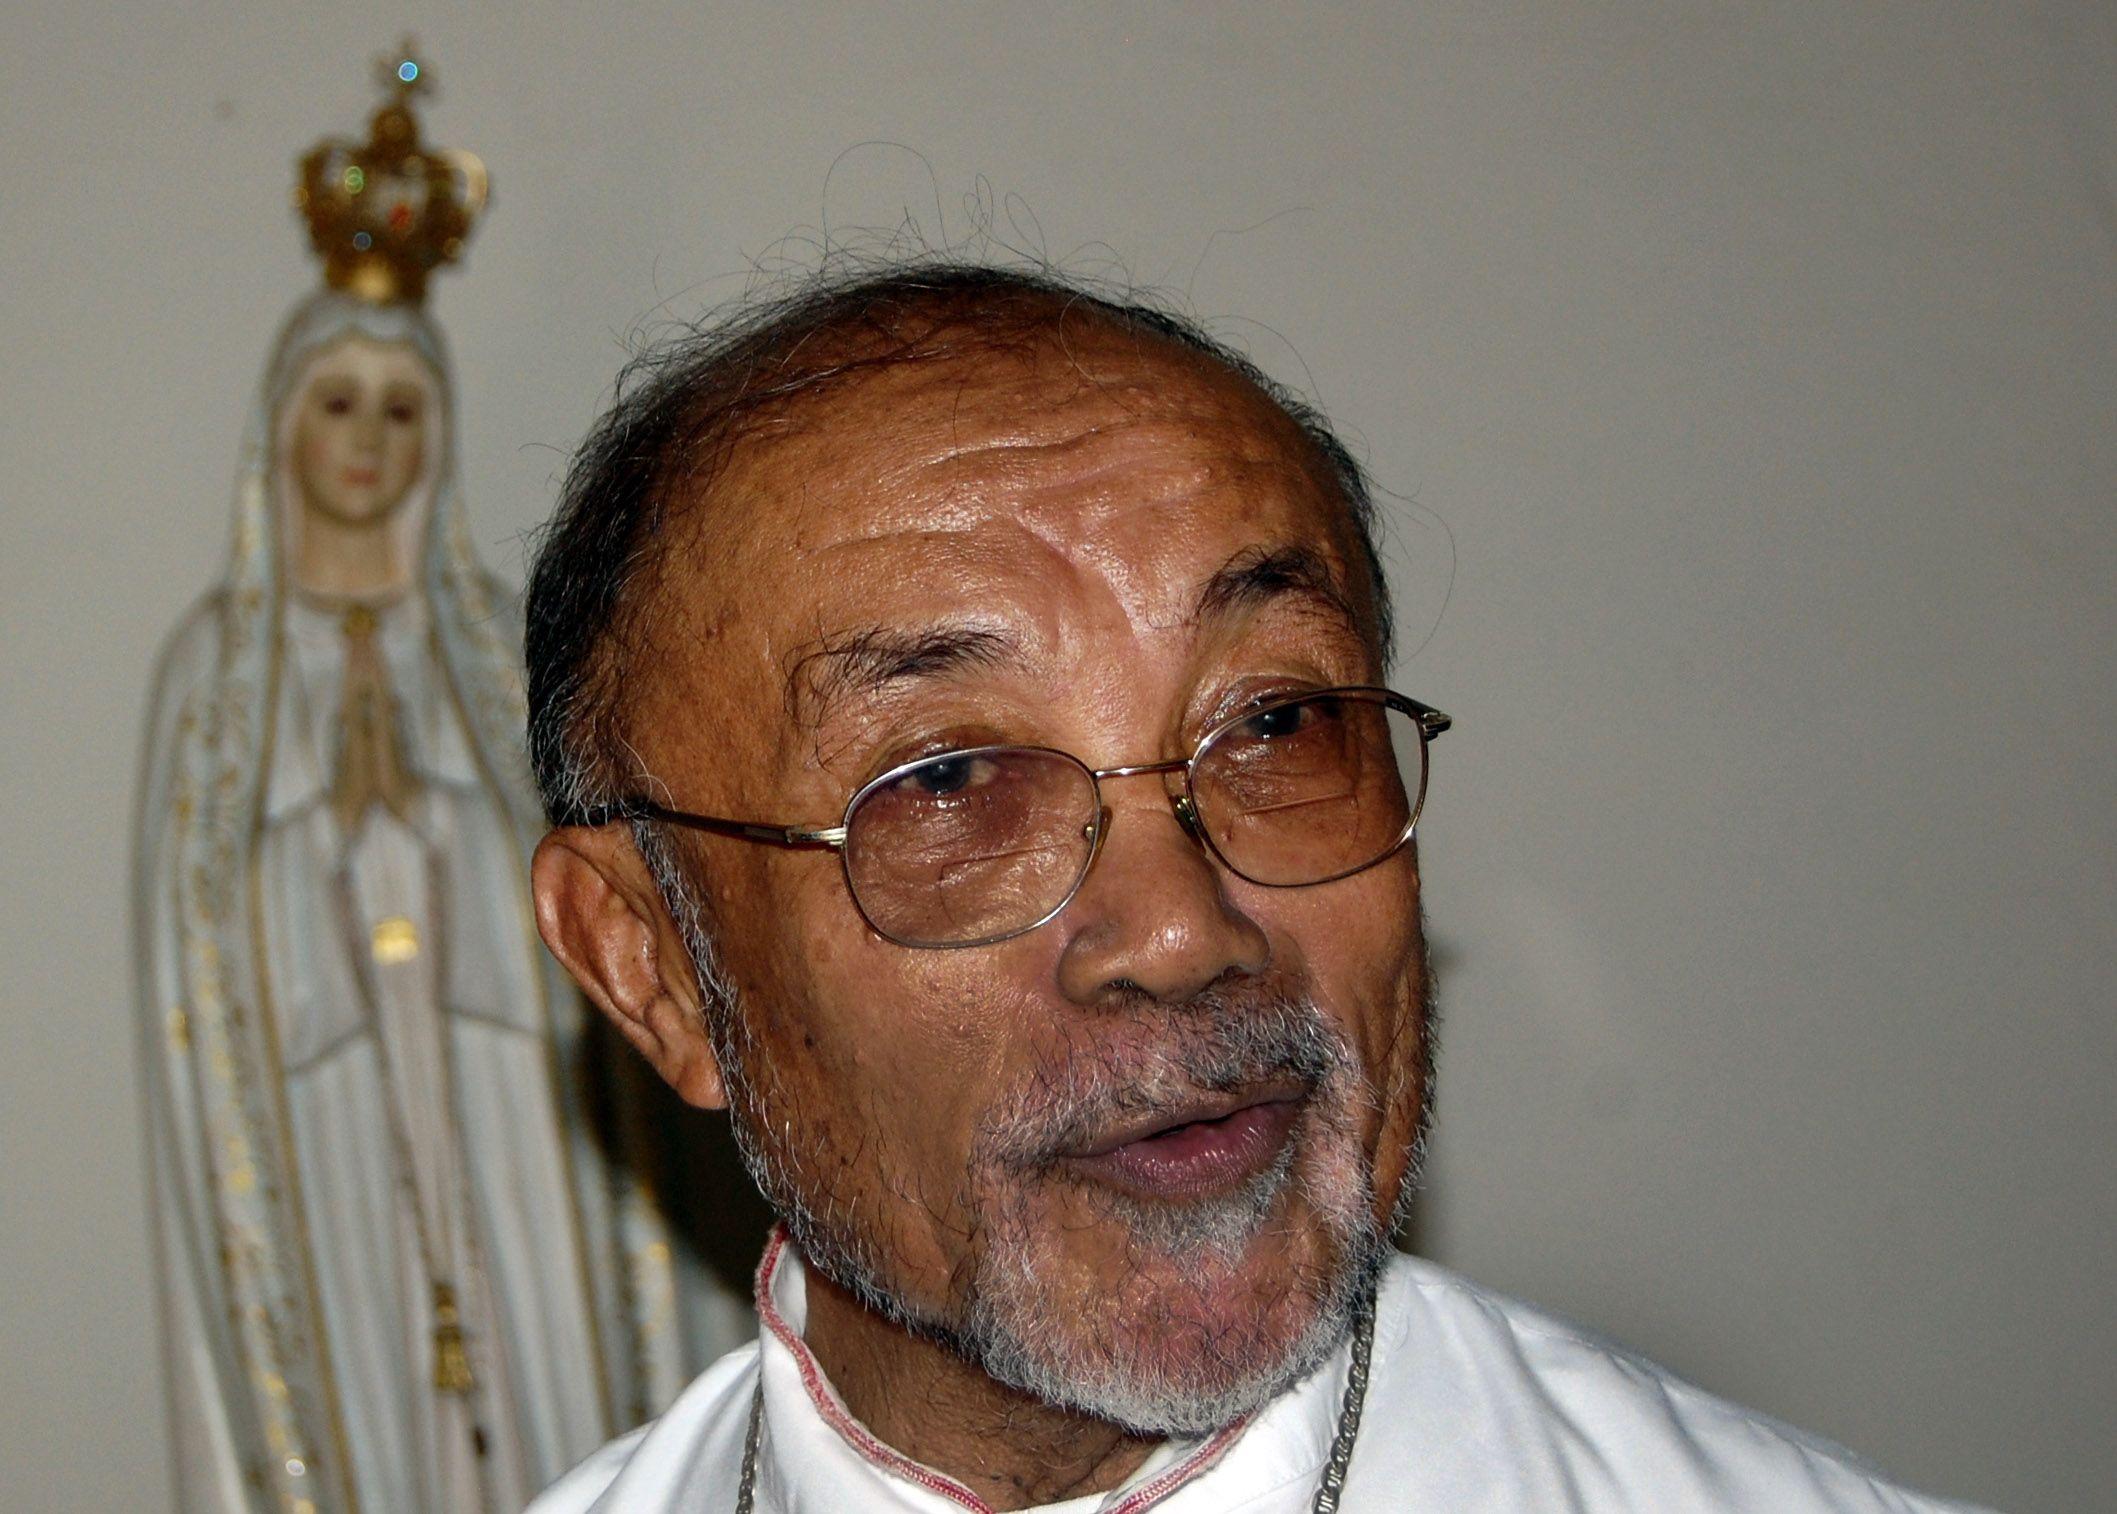 Bispo D. Ricardo